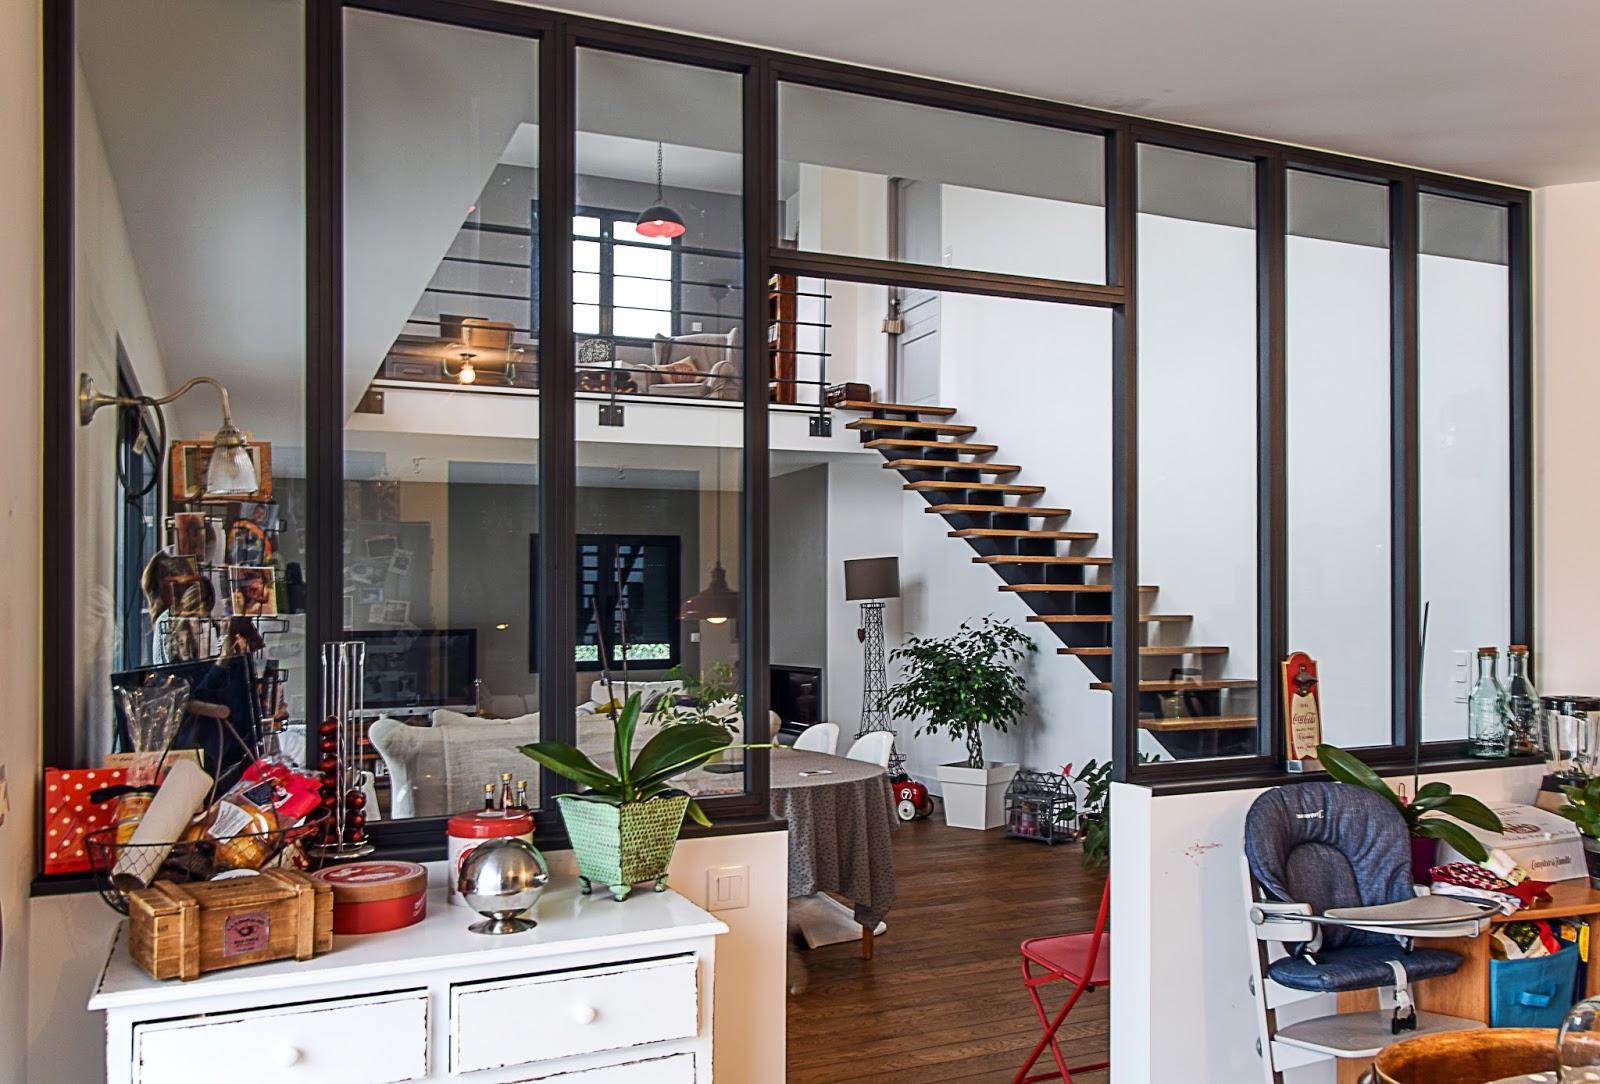 Verre miroir cie zoom sur la verri re int rieure for Verriere interieur cuisine